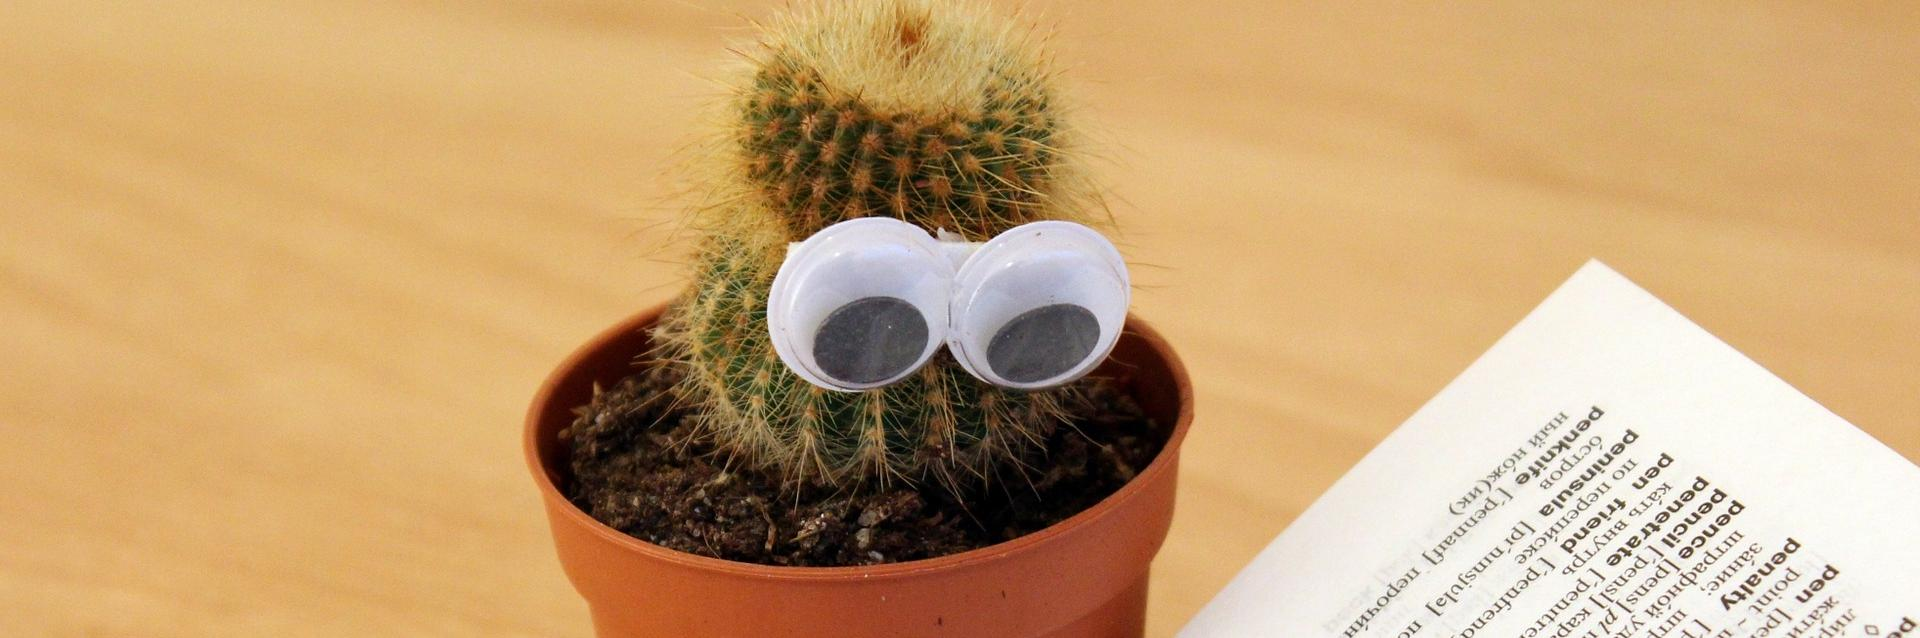 """Kaktus jolle on liimattu irtosilmät ja laitettu """"lukemaan"""" sanakirjaa."""